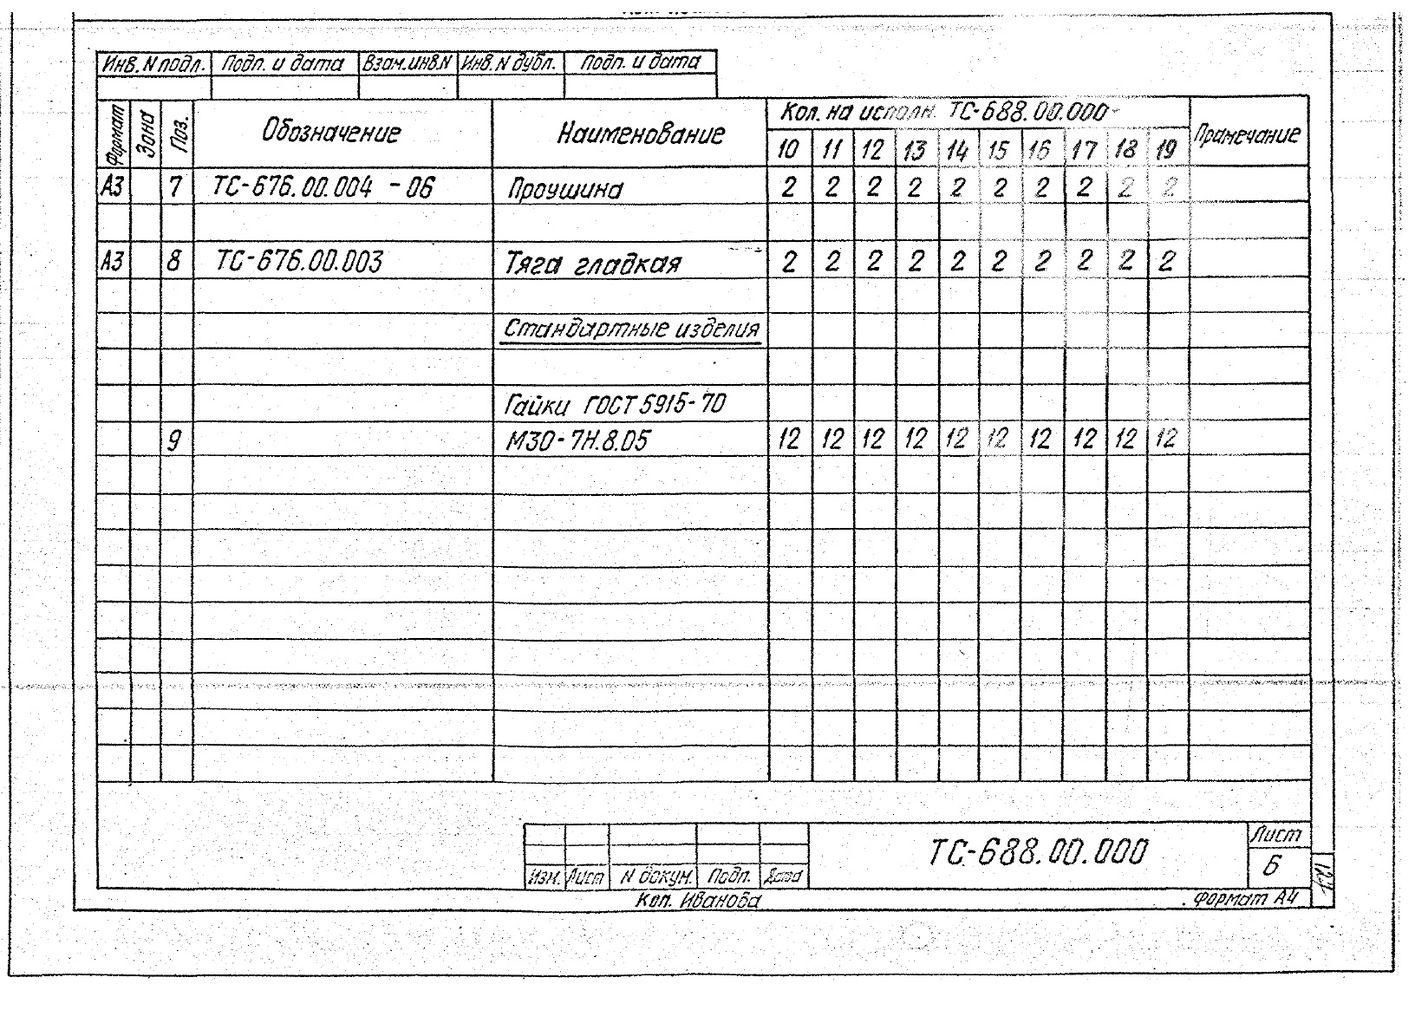 Подвески пружинные для горизонтальных трубопроводов Дн 377-1420 мм ТС-688.00.000 СБ серия 5.903-13 выпуск 6-95 стр.8